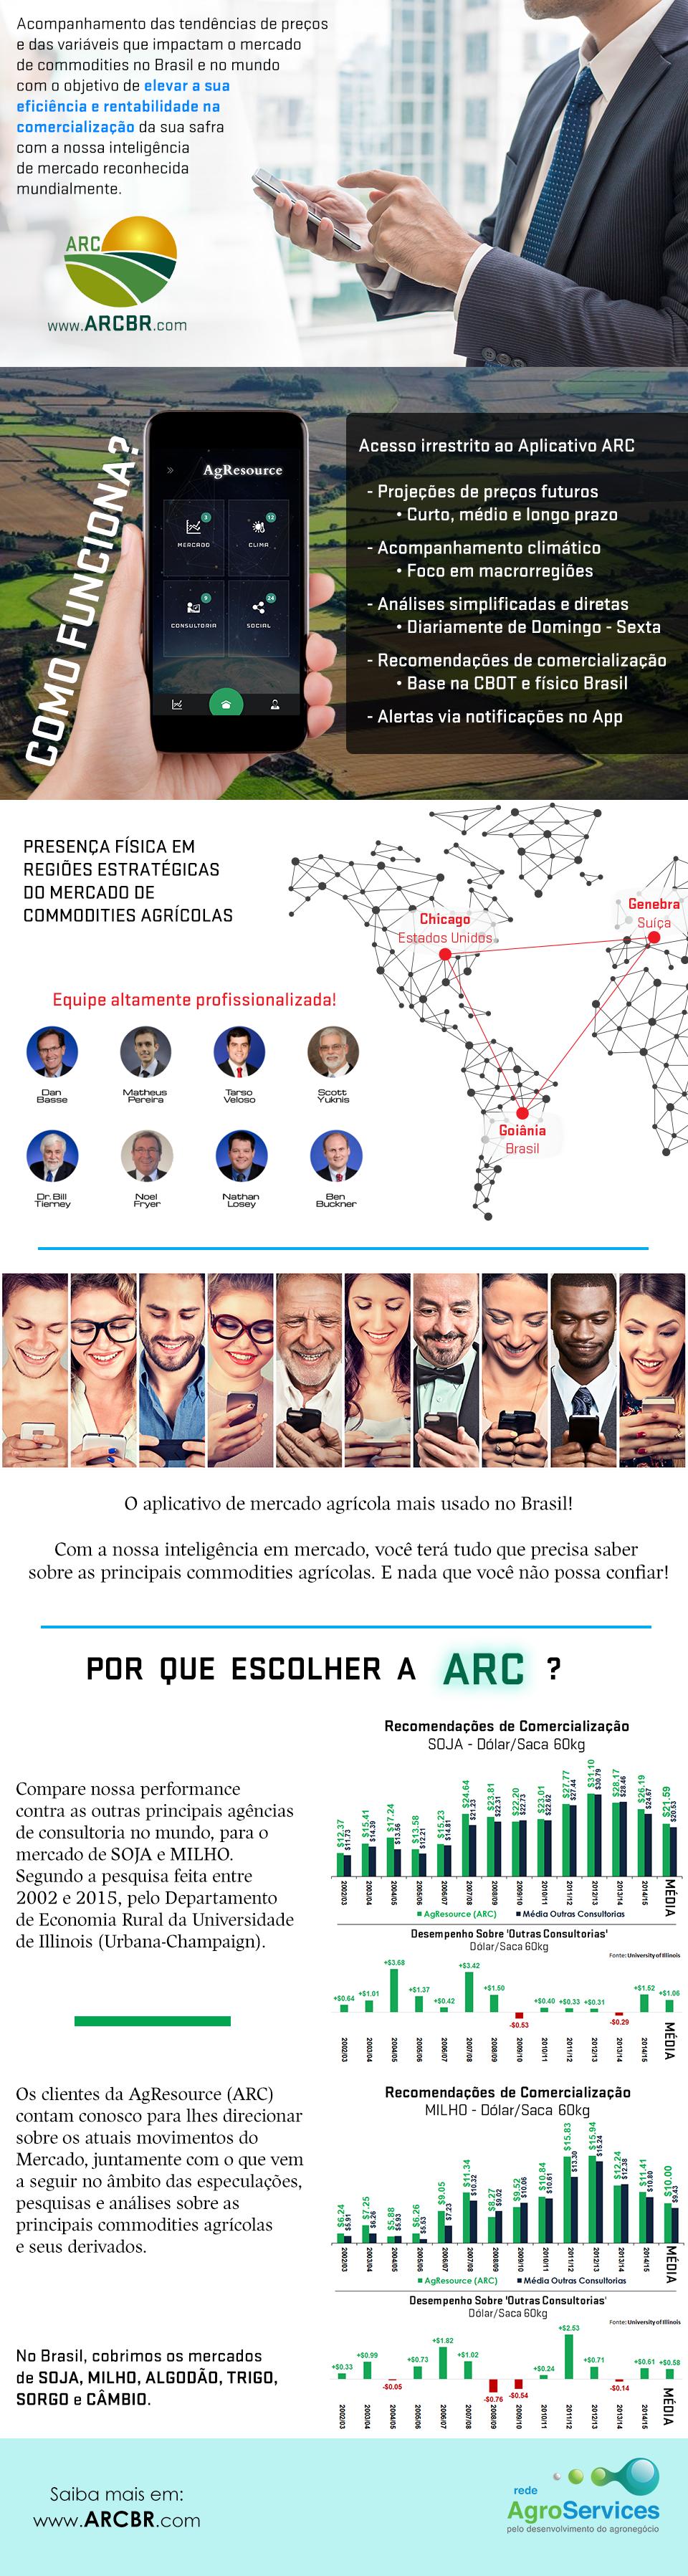 DESCRITIVO - Produto 2 - ARC Inteligência em mercado de commodities